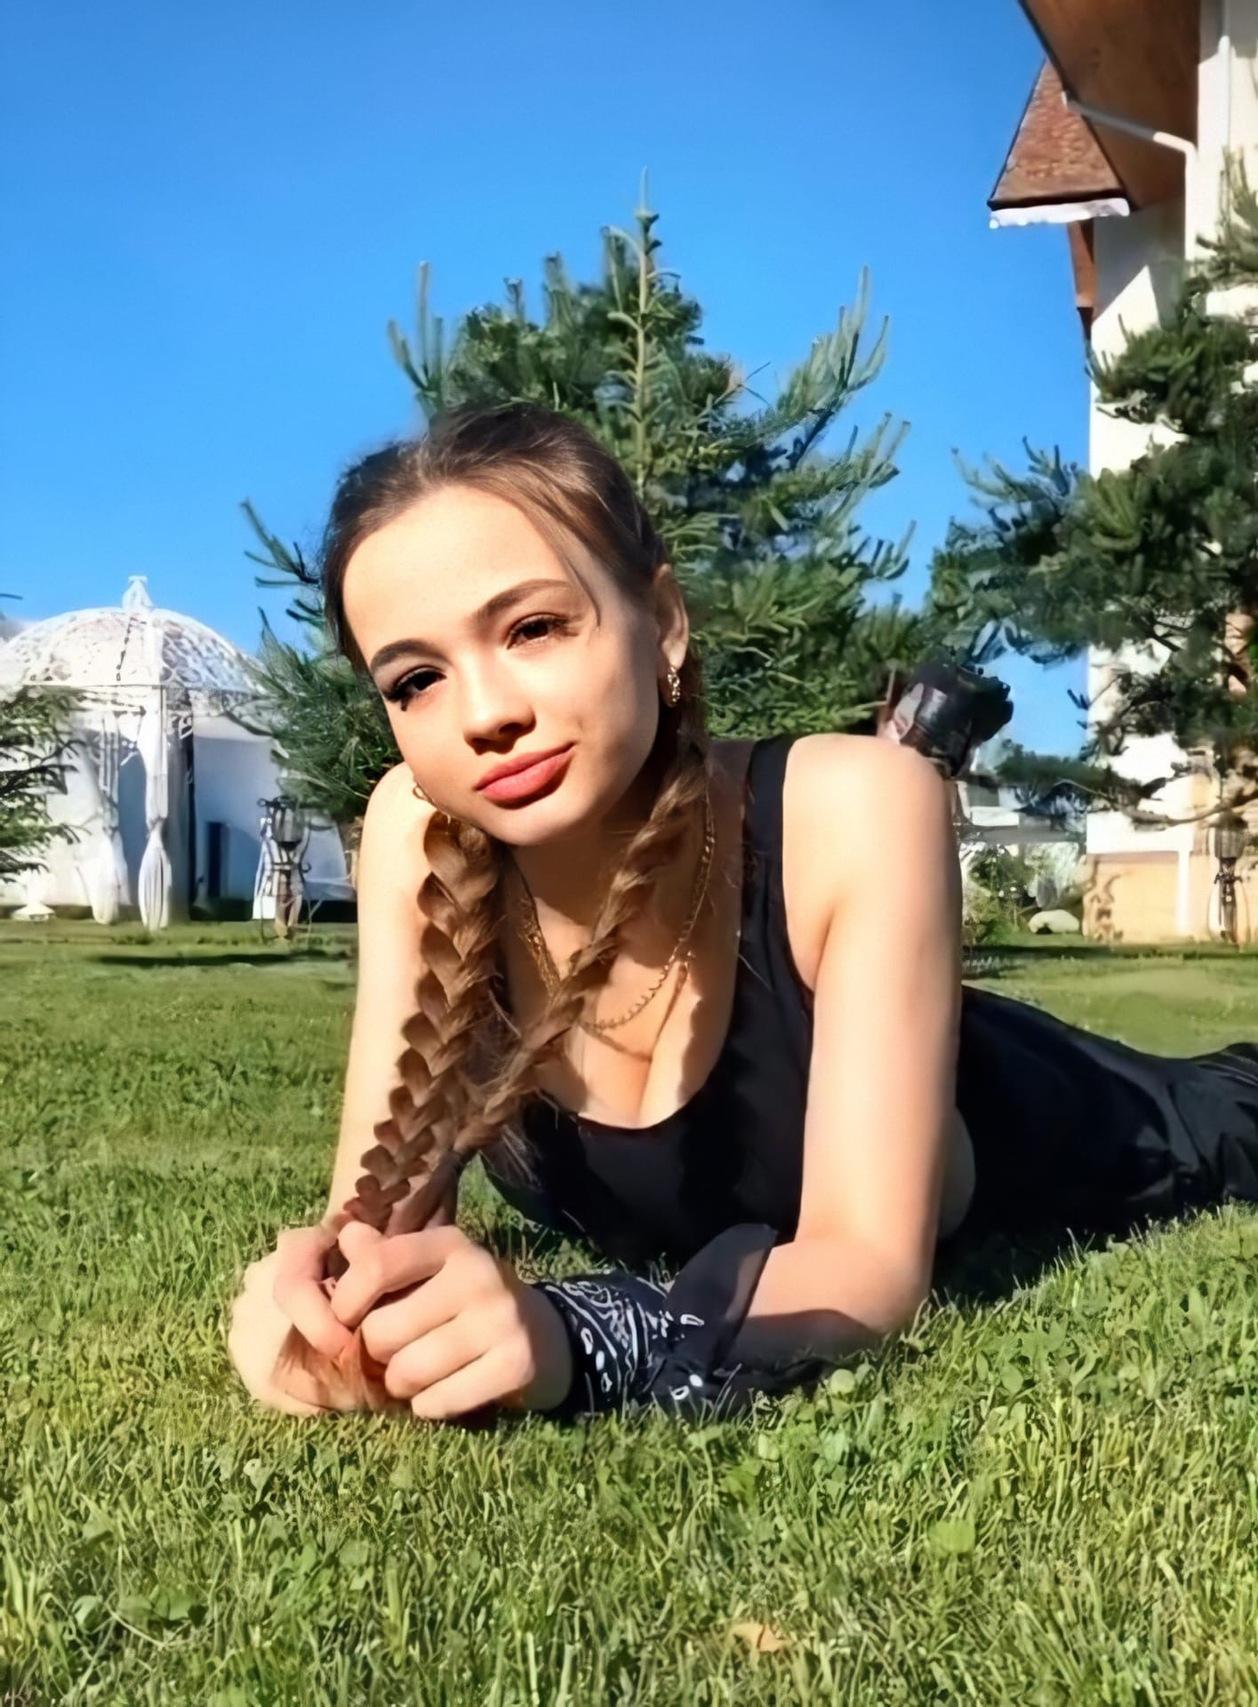 Валя Карнавал - Горячие фото Валентины Карнауховой 2